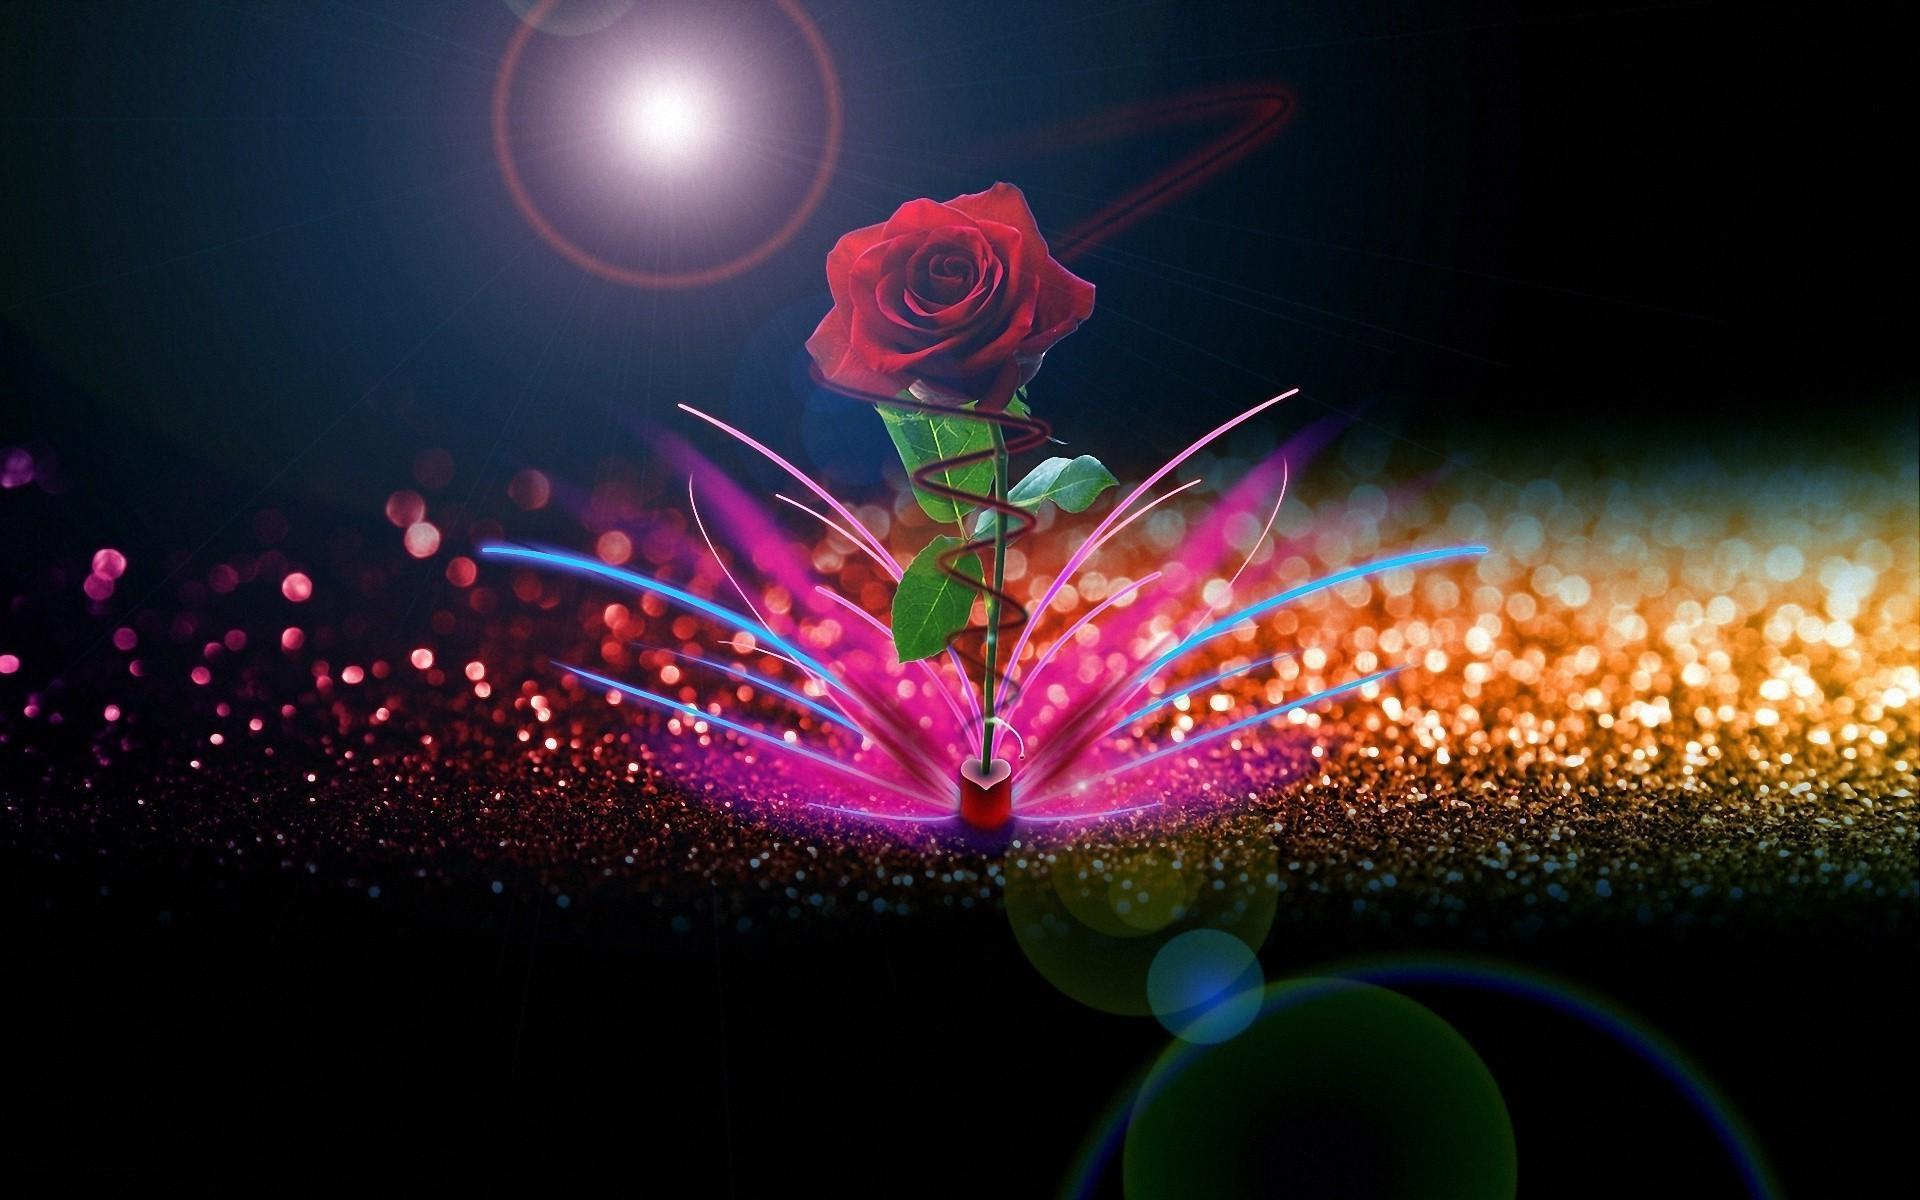 Красивые светящиеся открытки, поздравительных